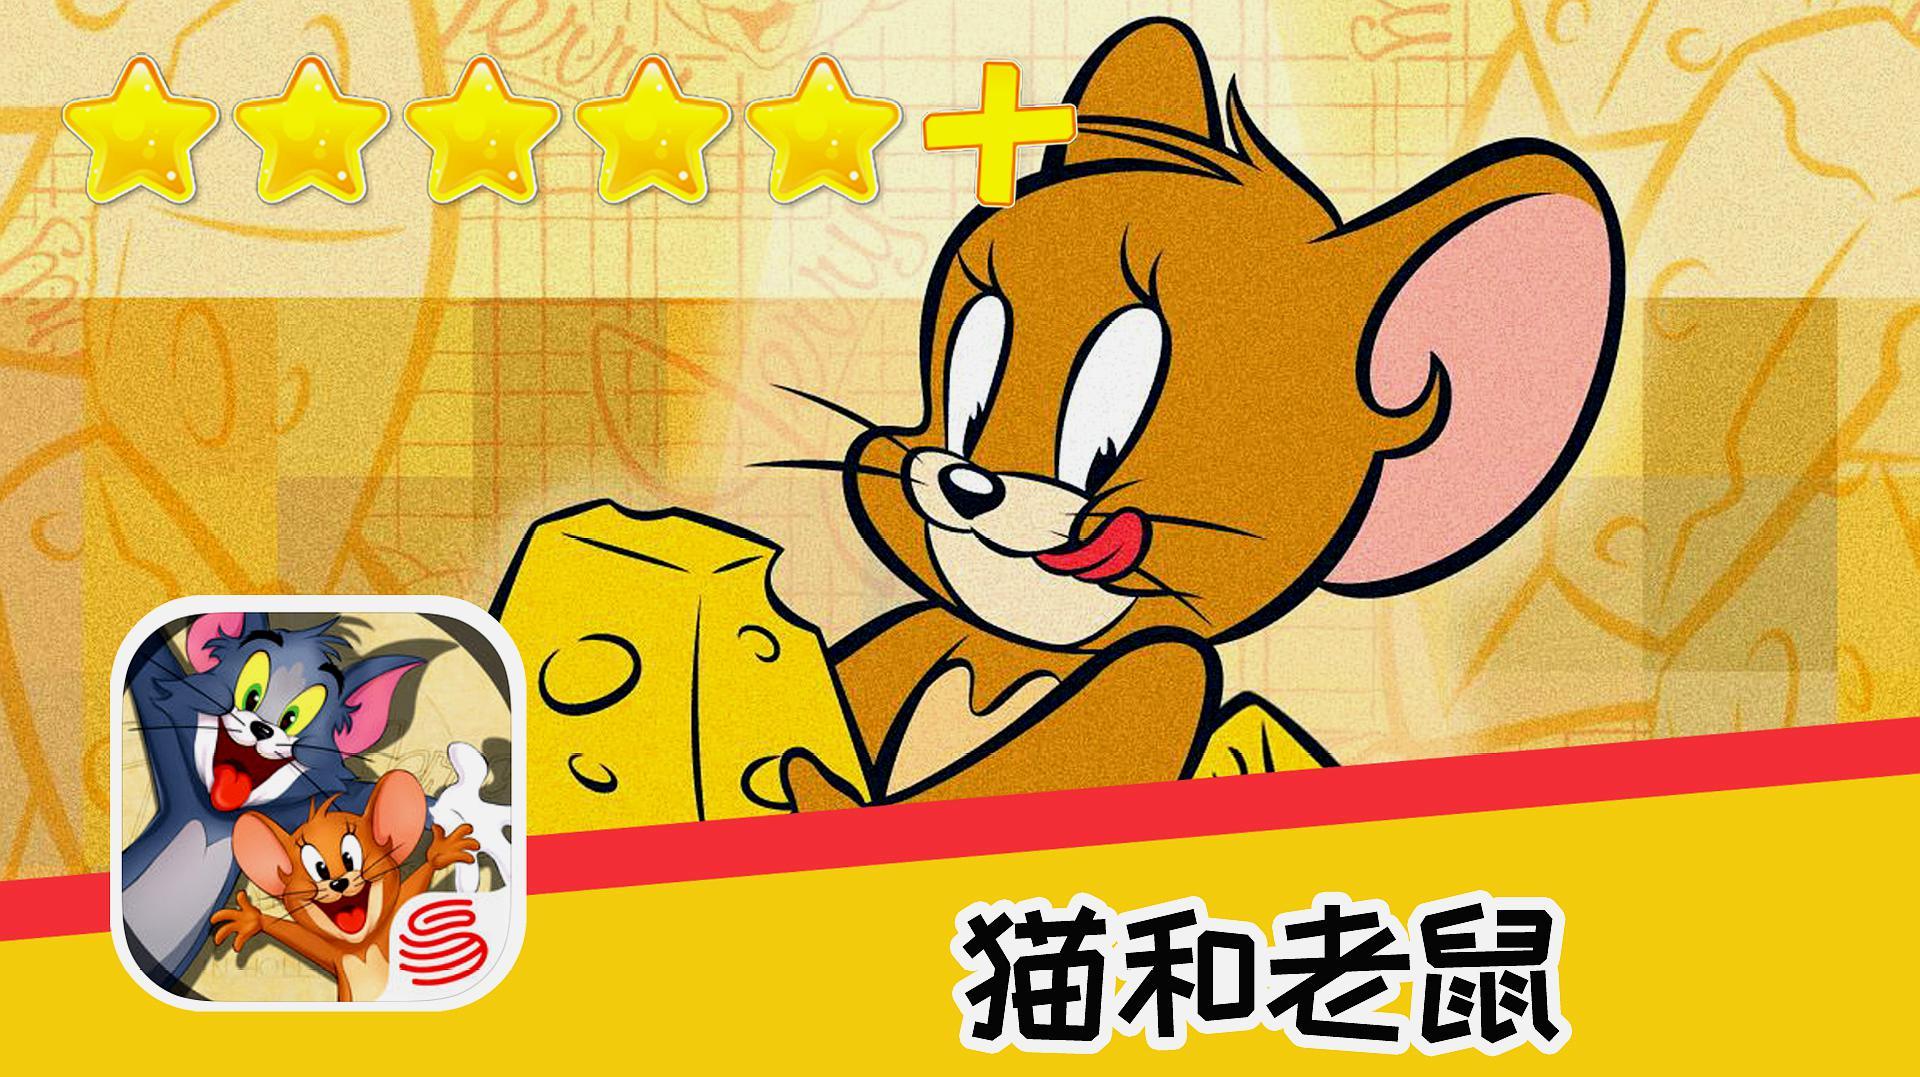 手游酷玩:休闲类游戏《猫和老鼠》的精彩视频大全